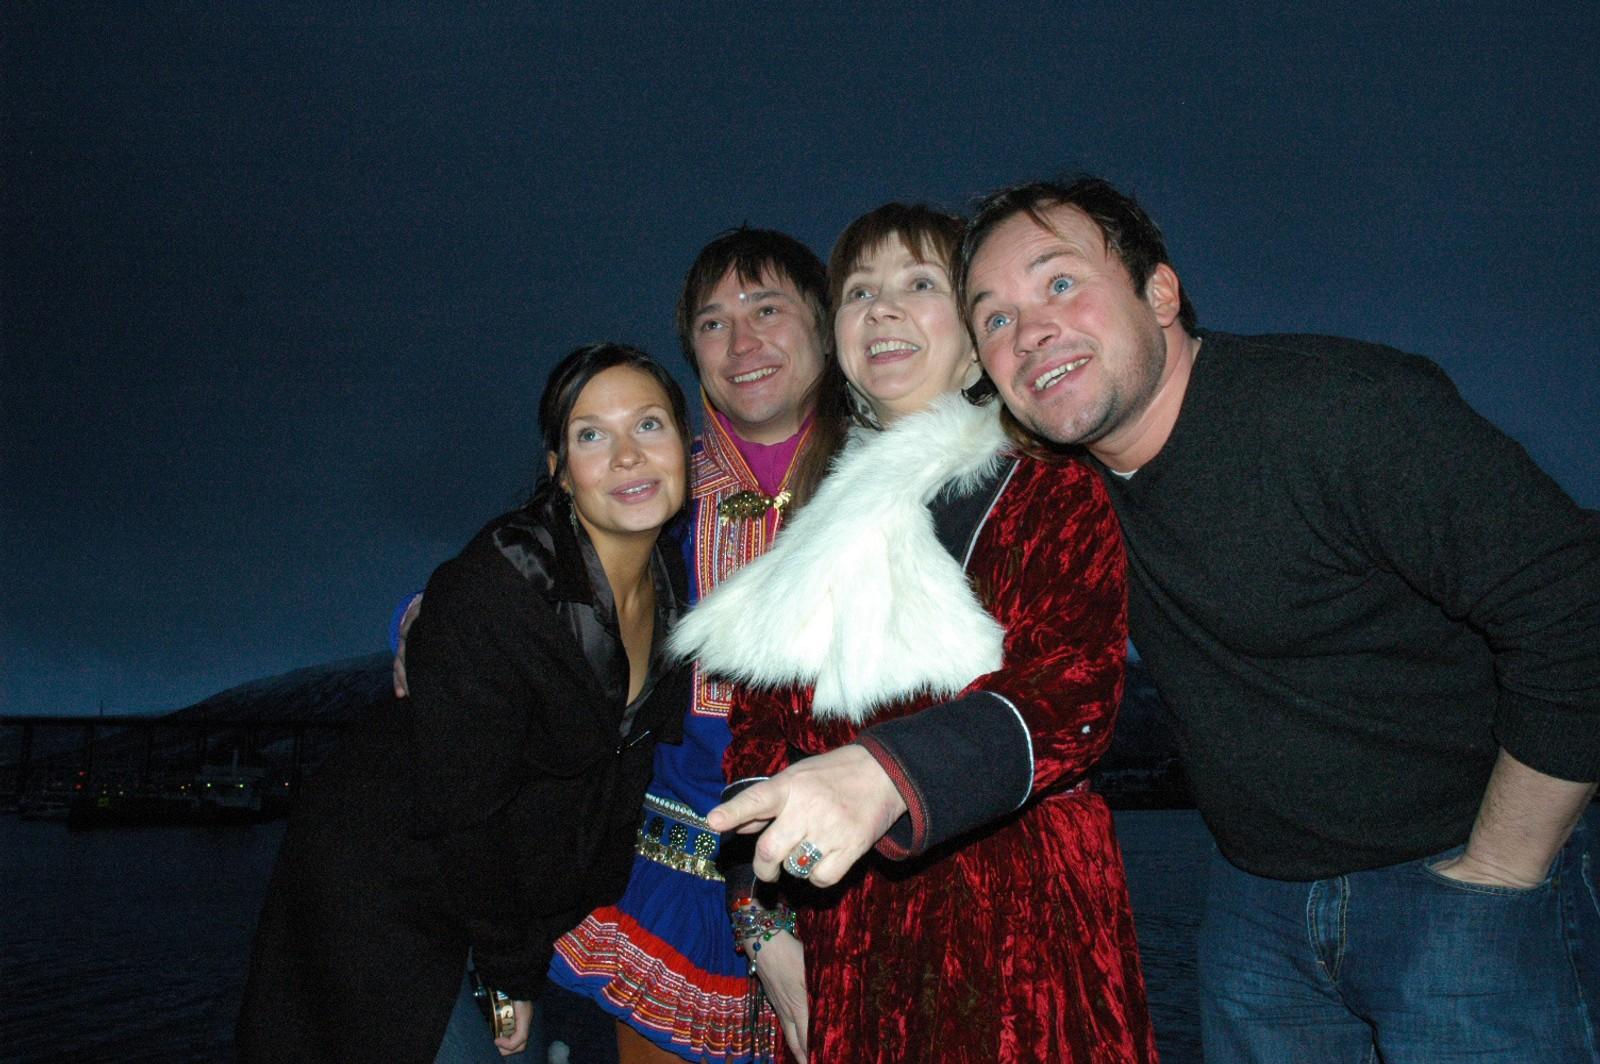 Mari Boine bidro med filmmusikk til filmen «Kautokeinoopprøret» av Nils Gaup. Filmen hadde premiere i 2008. Her med tre av filmens skuespillere; Anni-Kristiina Juuso, Asllat Máhtte Gaup og Mikkel Gaup.